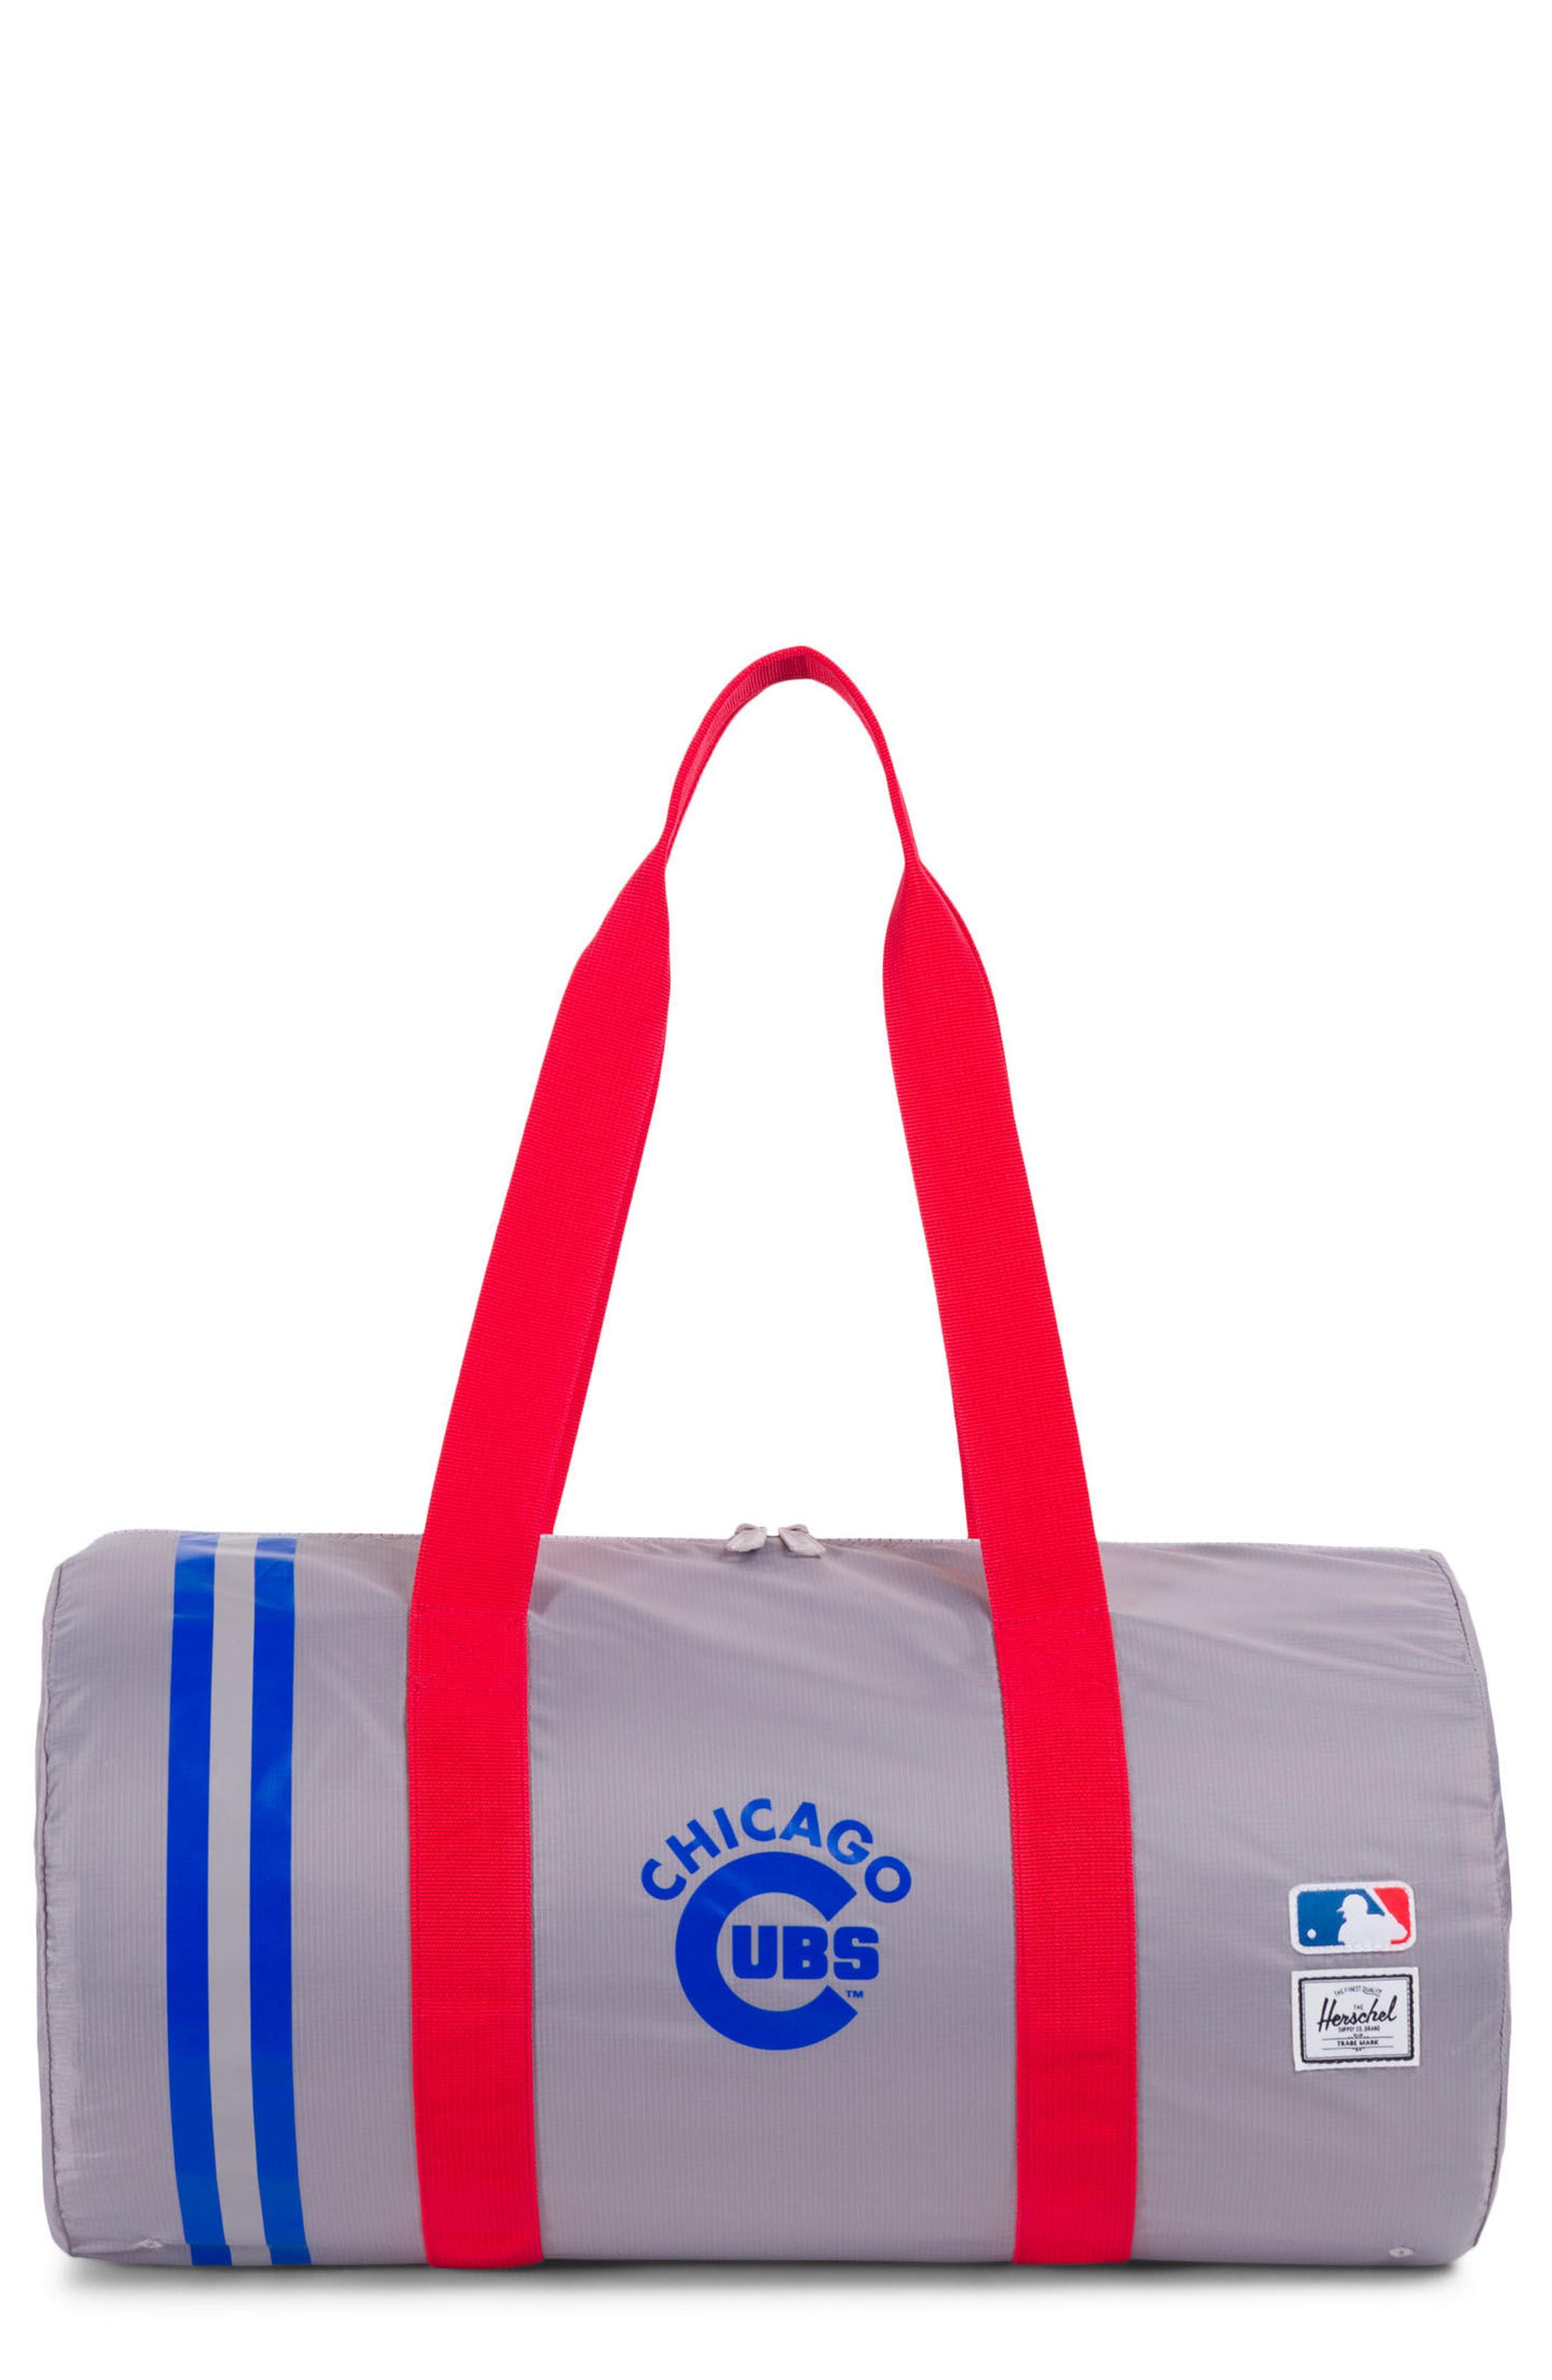 95bfa893f8 Lyst - Herschel Supply Co. Packable - Mlb National League Duffel Bag ...